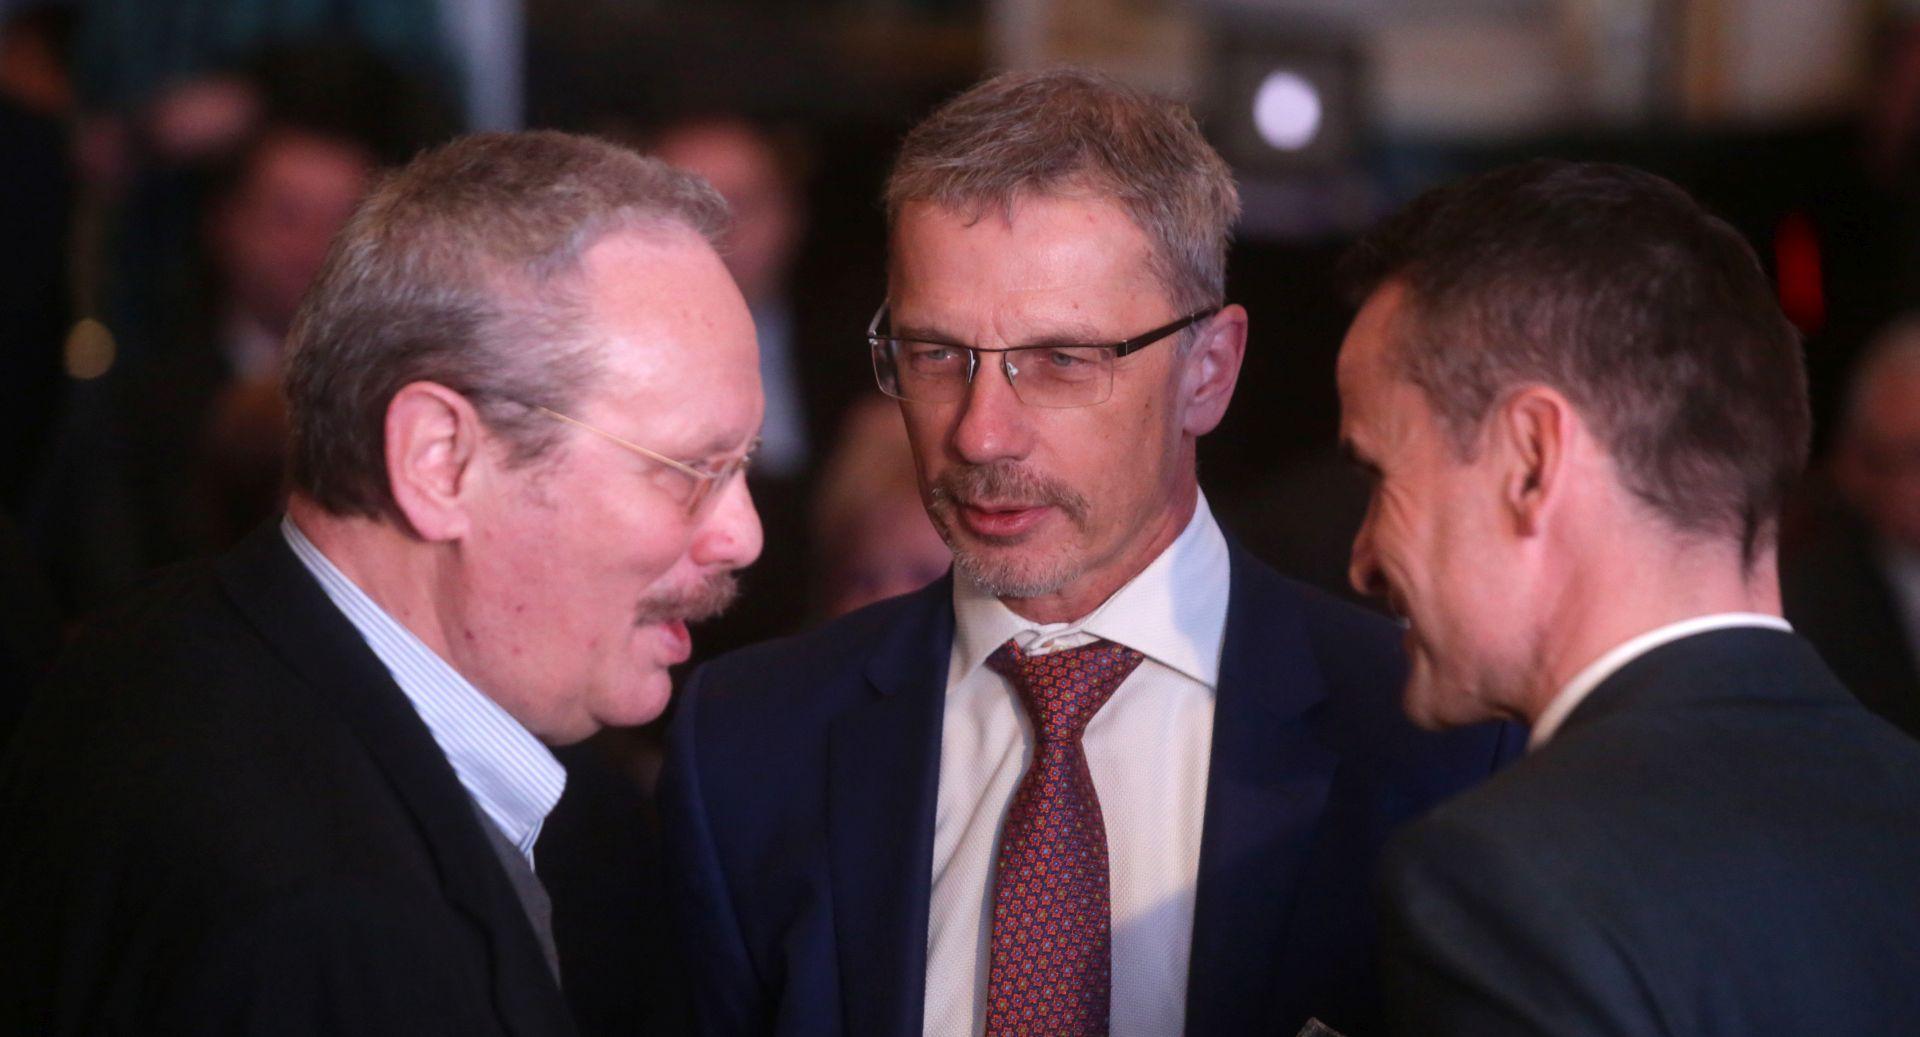 Vujčić proglašen najboljim europskim i svjetskim guvernerom u 2018.